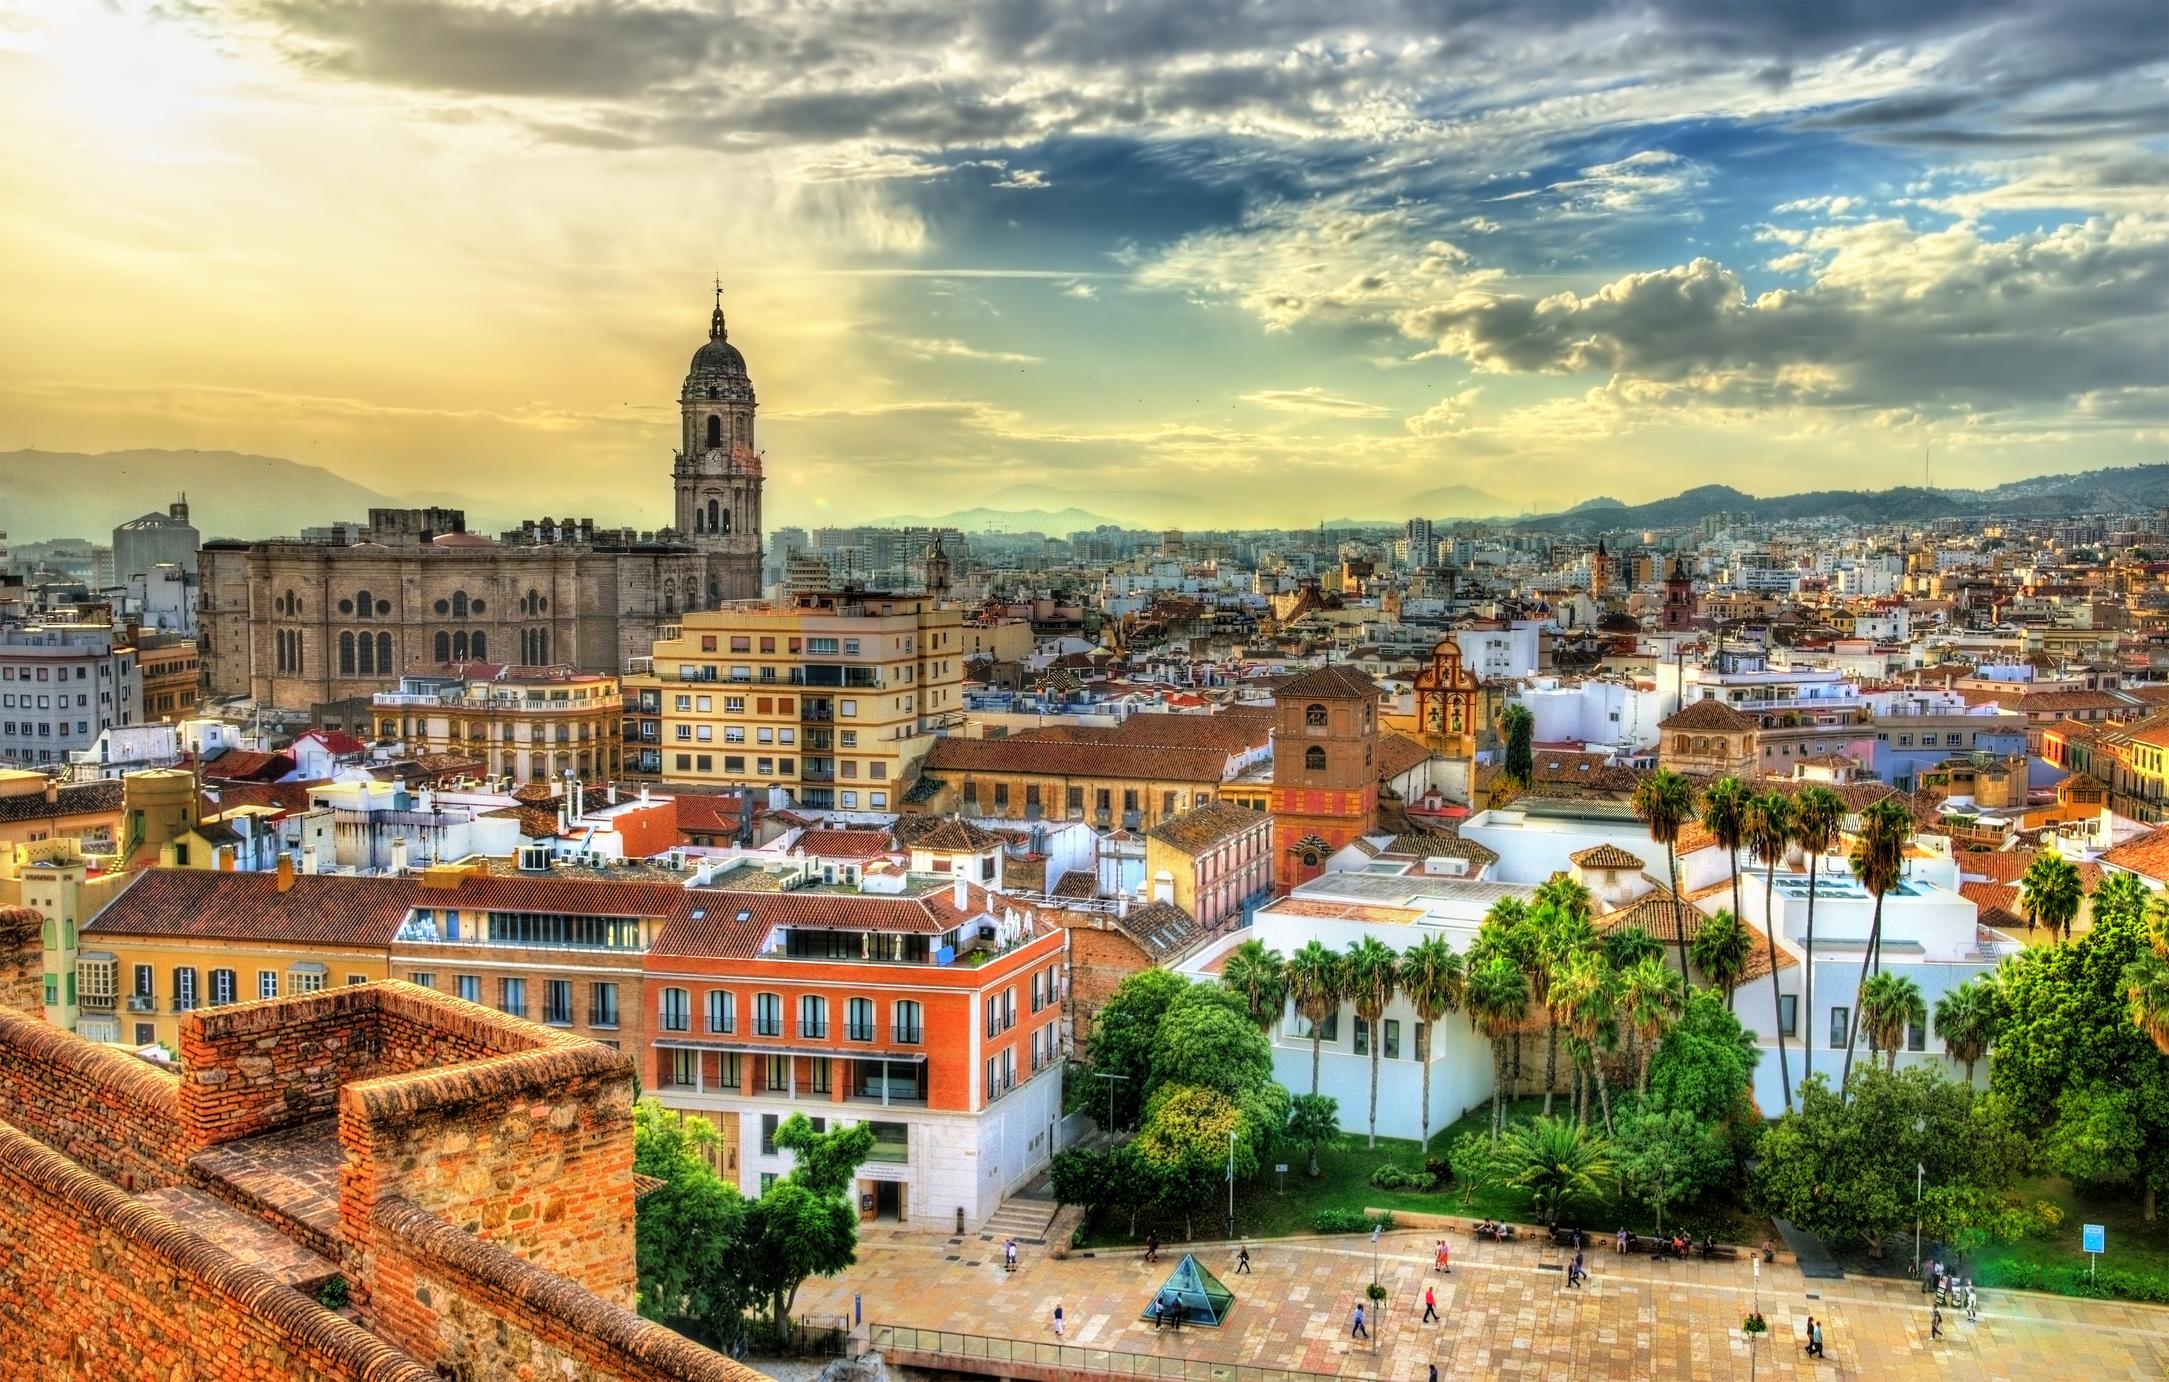 Южният испански град Малага също е една от топ дестинациите за 2019 година. Градът е родно място на много знаменити испанци като художника Пабло Пикасо, актьора Антонио Бандерас и певеца Пабло Алборан.